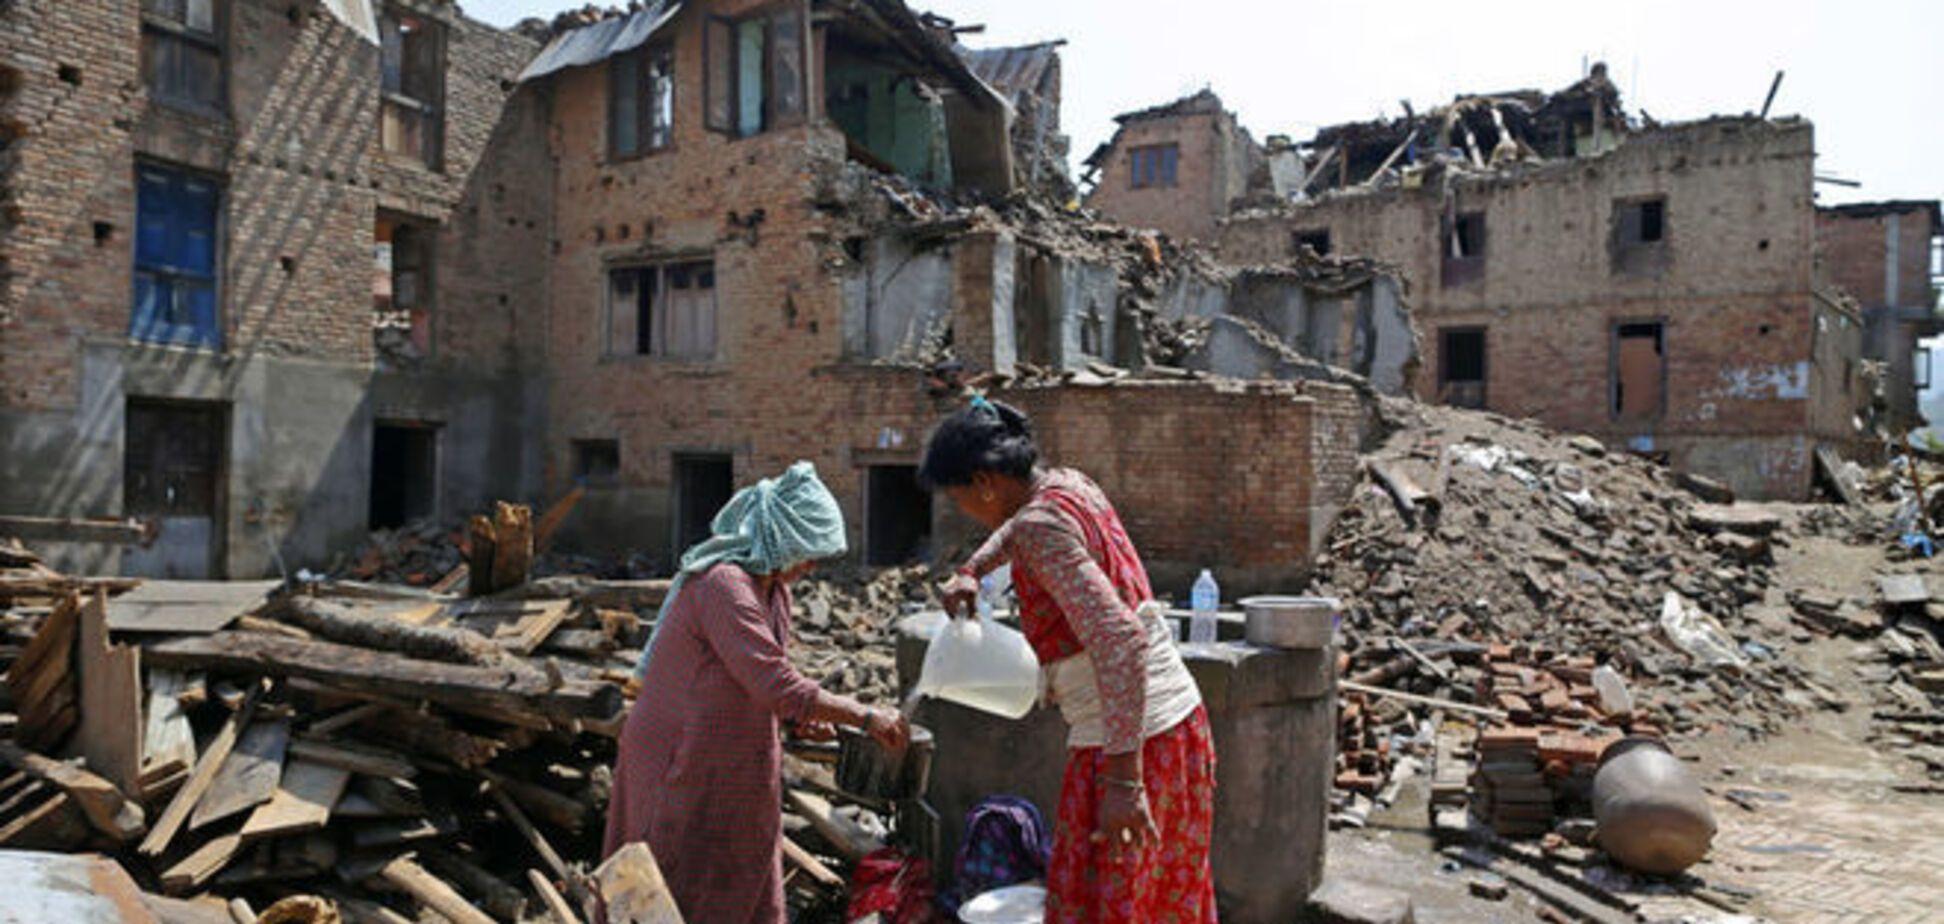 В Непале произошло новое мощное землетрясение: испуганные люди покинули свои дома